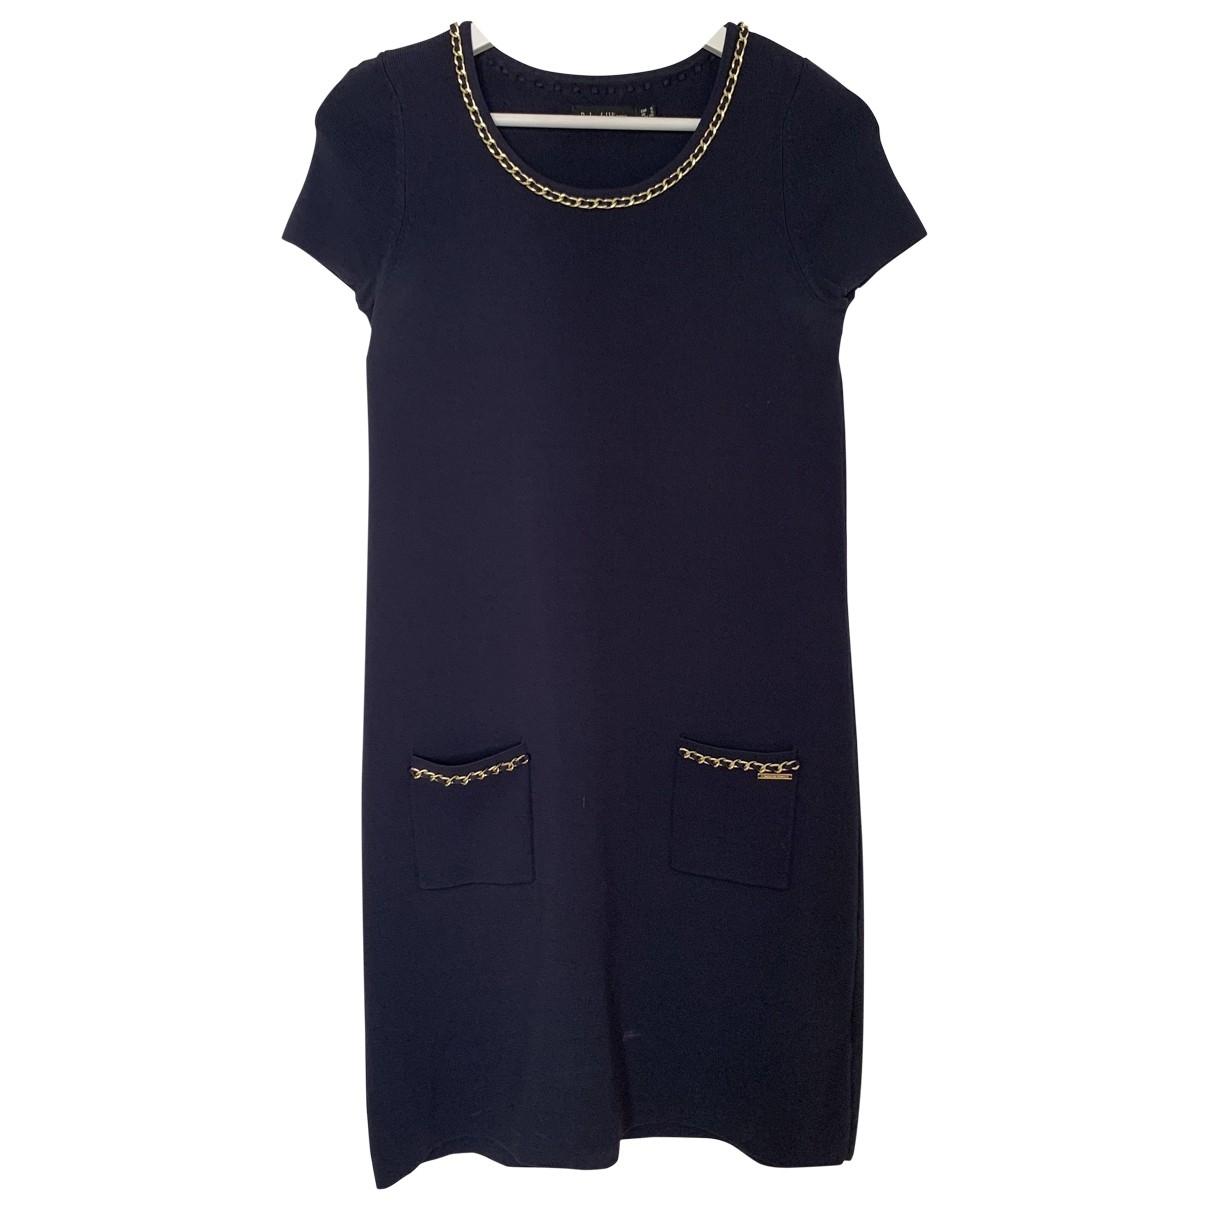 Pedro Del Hierro \N Kleid in  Blau Wolle